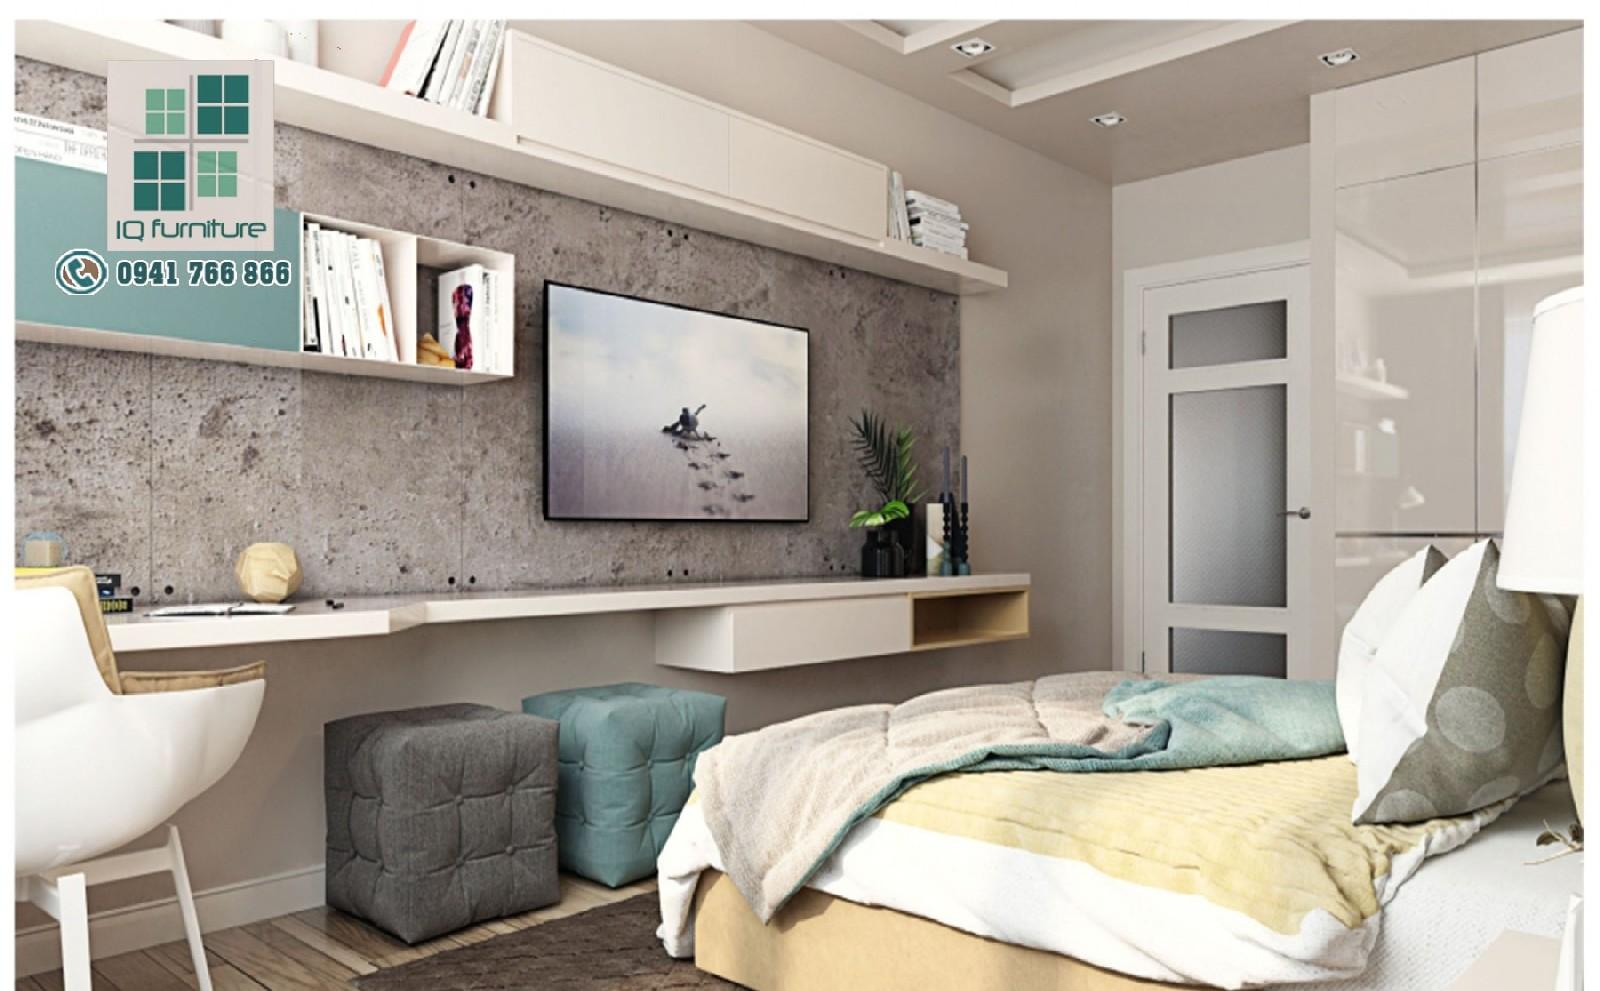 Thiết kế nội thất phòng ngủ hiện đại Hải Phòng